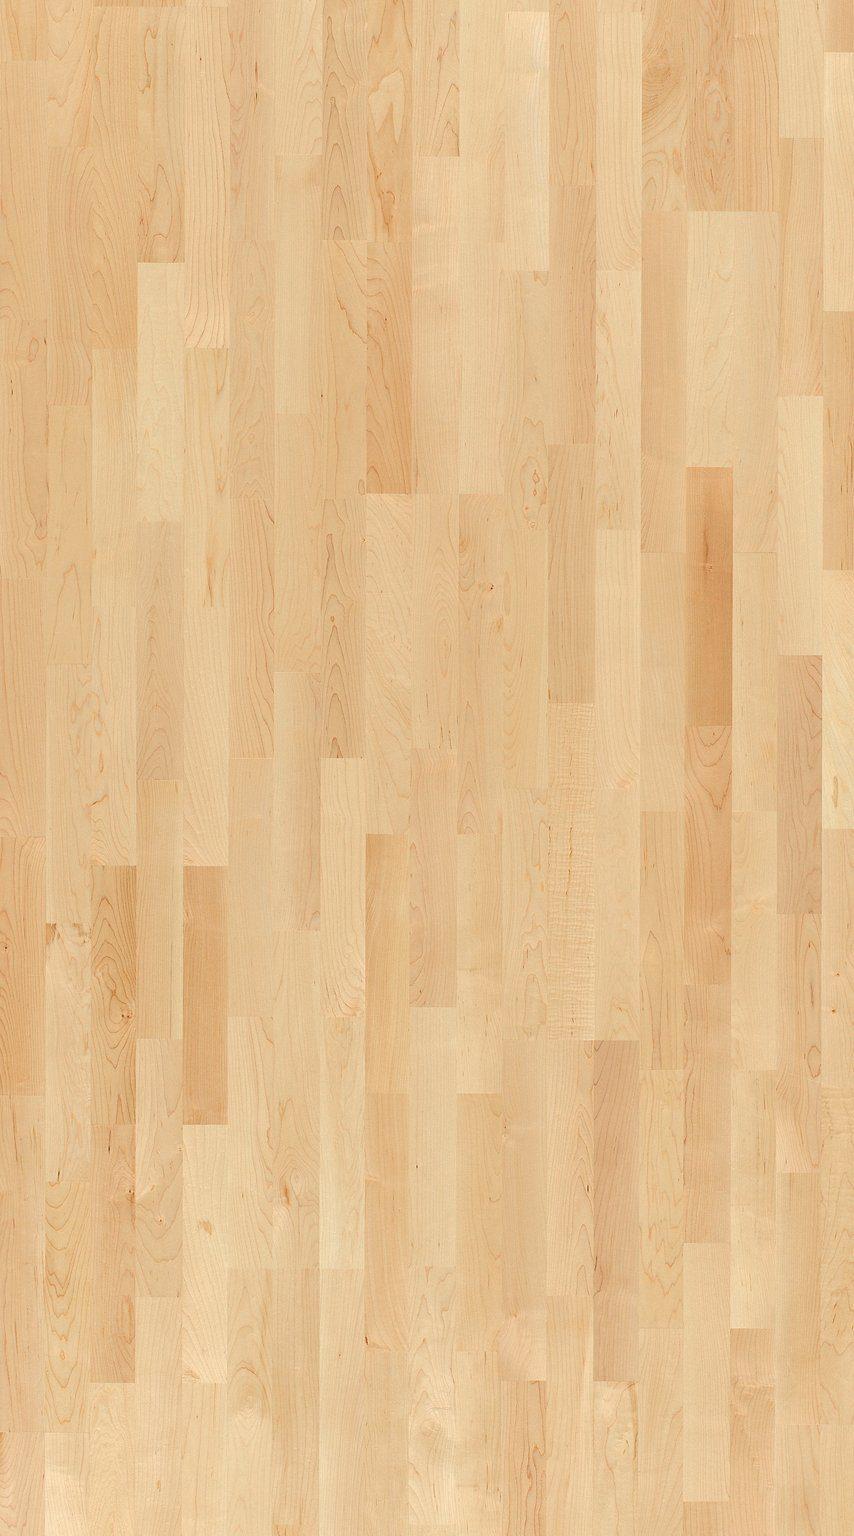 PARADOR Parkett »Basic Natur - Ahorn kanadisch, lackiert«, 2200 x 185 mm, Stärke: 11,5 mm, 4,07 m²